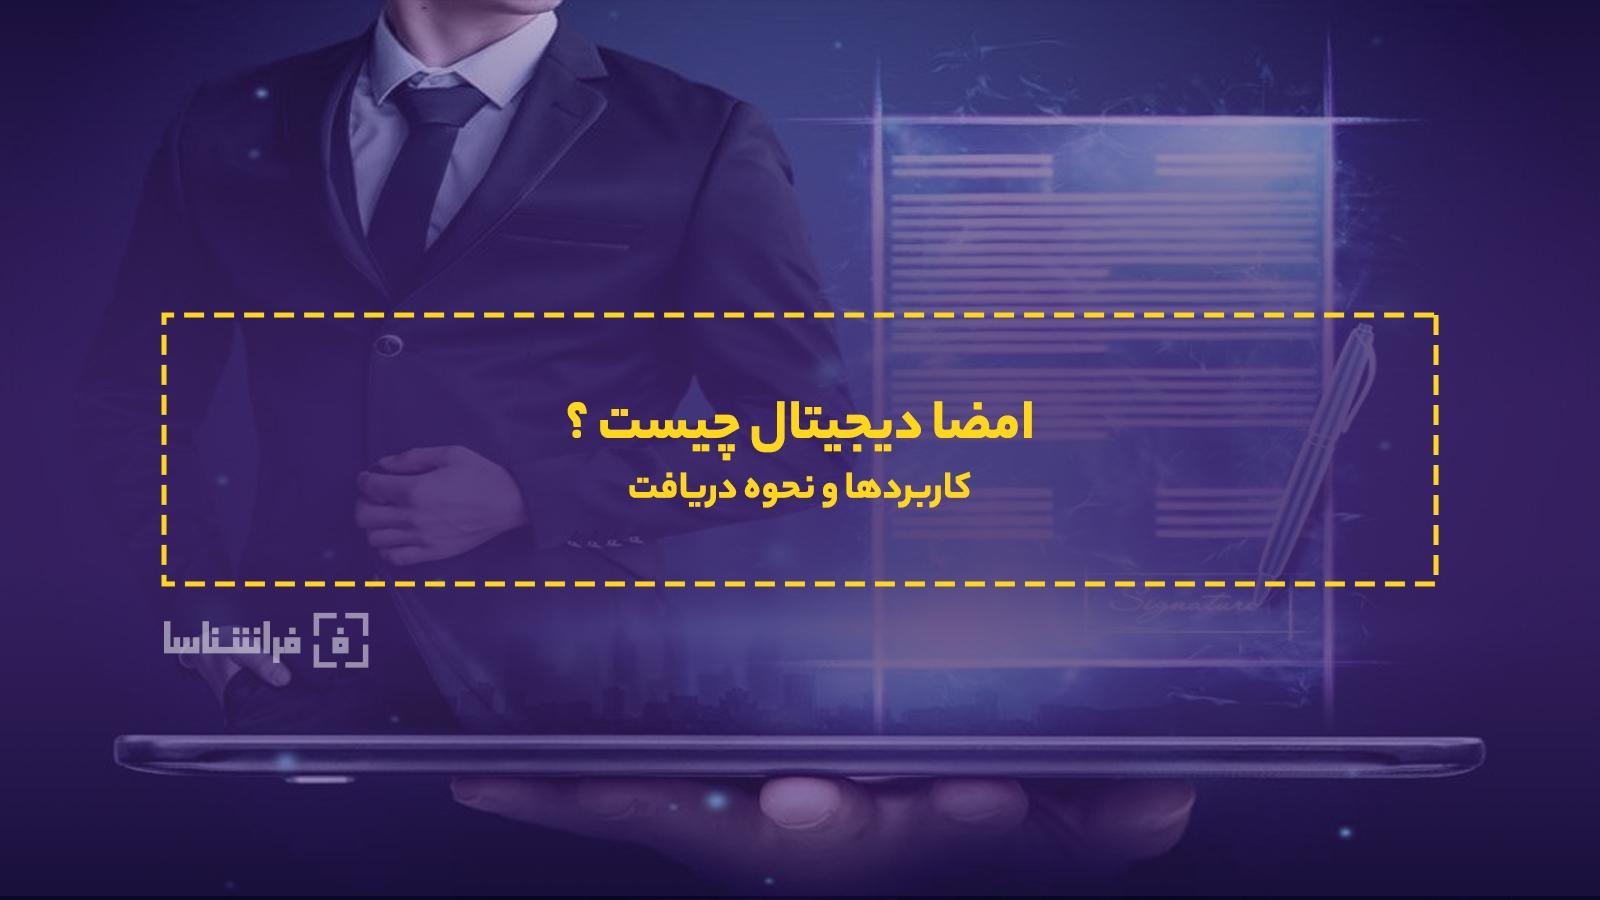 امضا دیجیتال آنلاین - امضا دیجیتالی